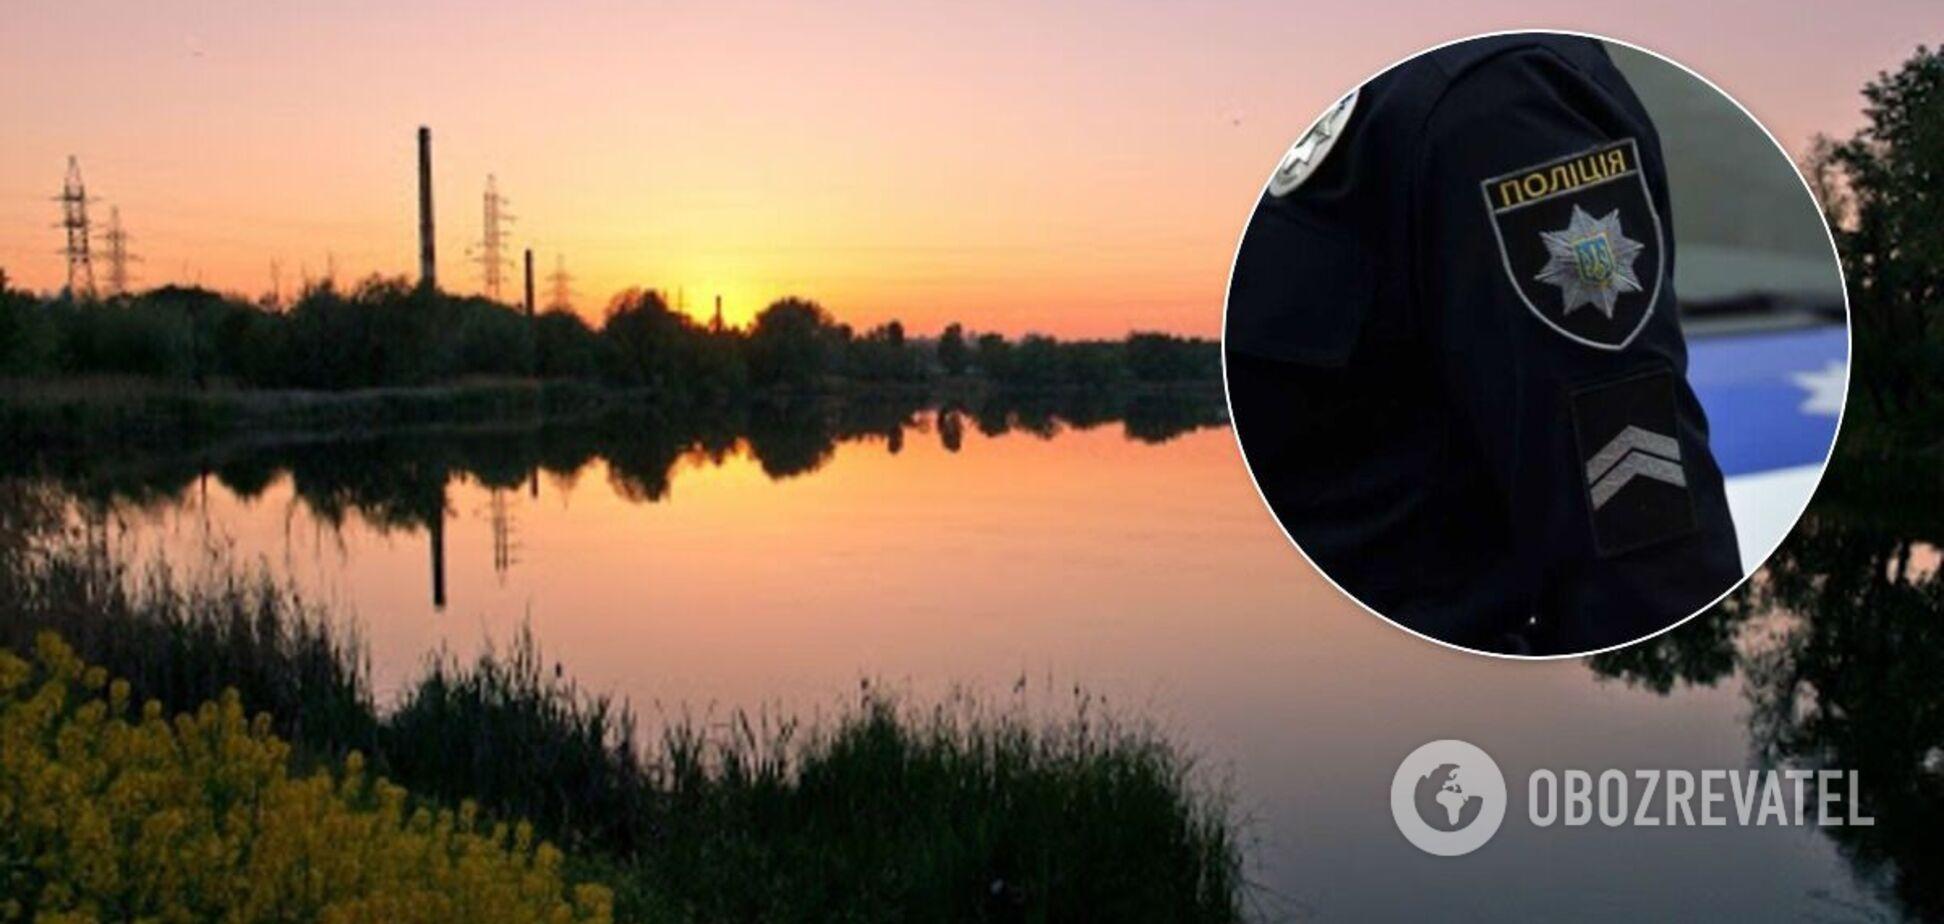 У Києві в озері знайшли тіло чоловіка. Ілюстрація